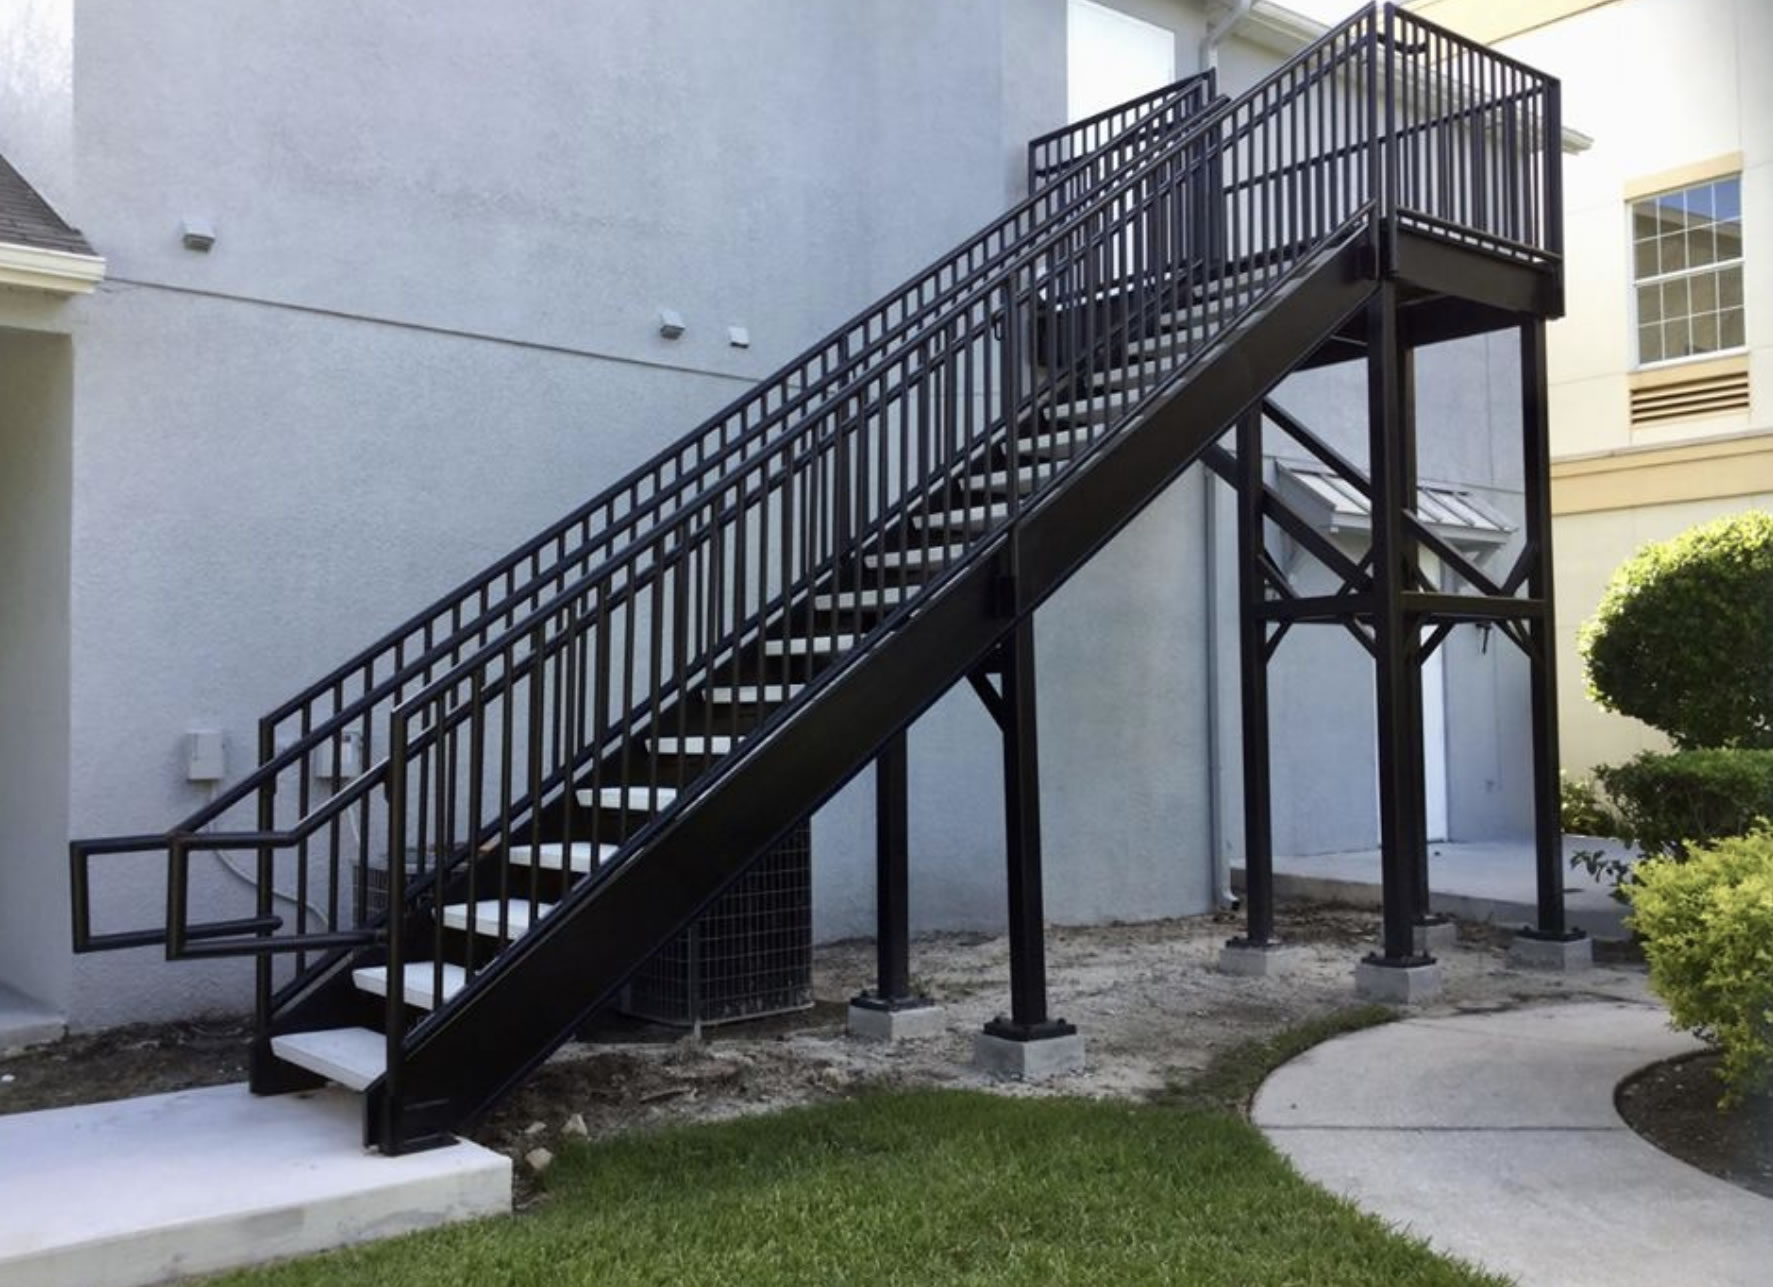 Прямая лестница из металла, улица ЛМП21